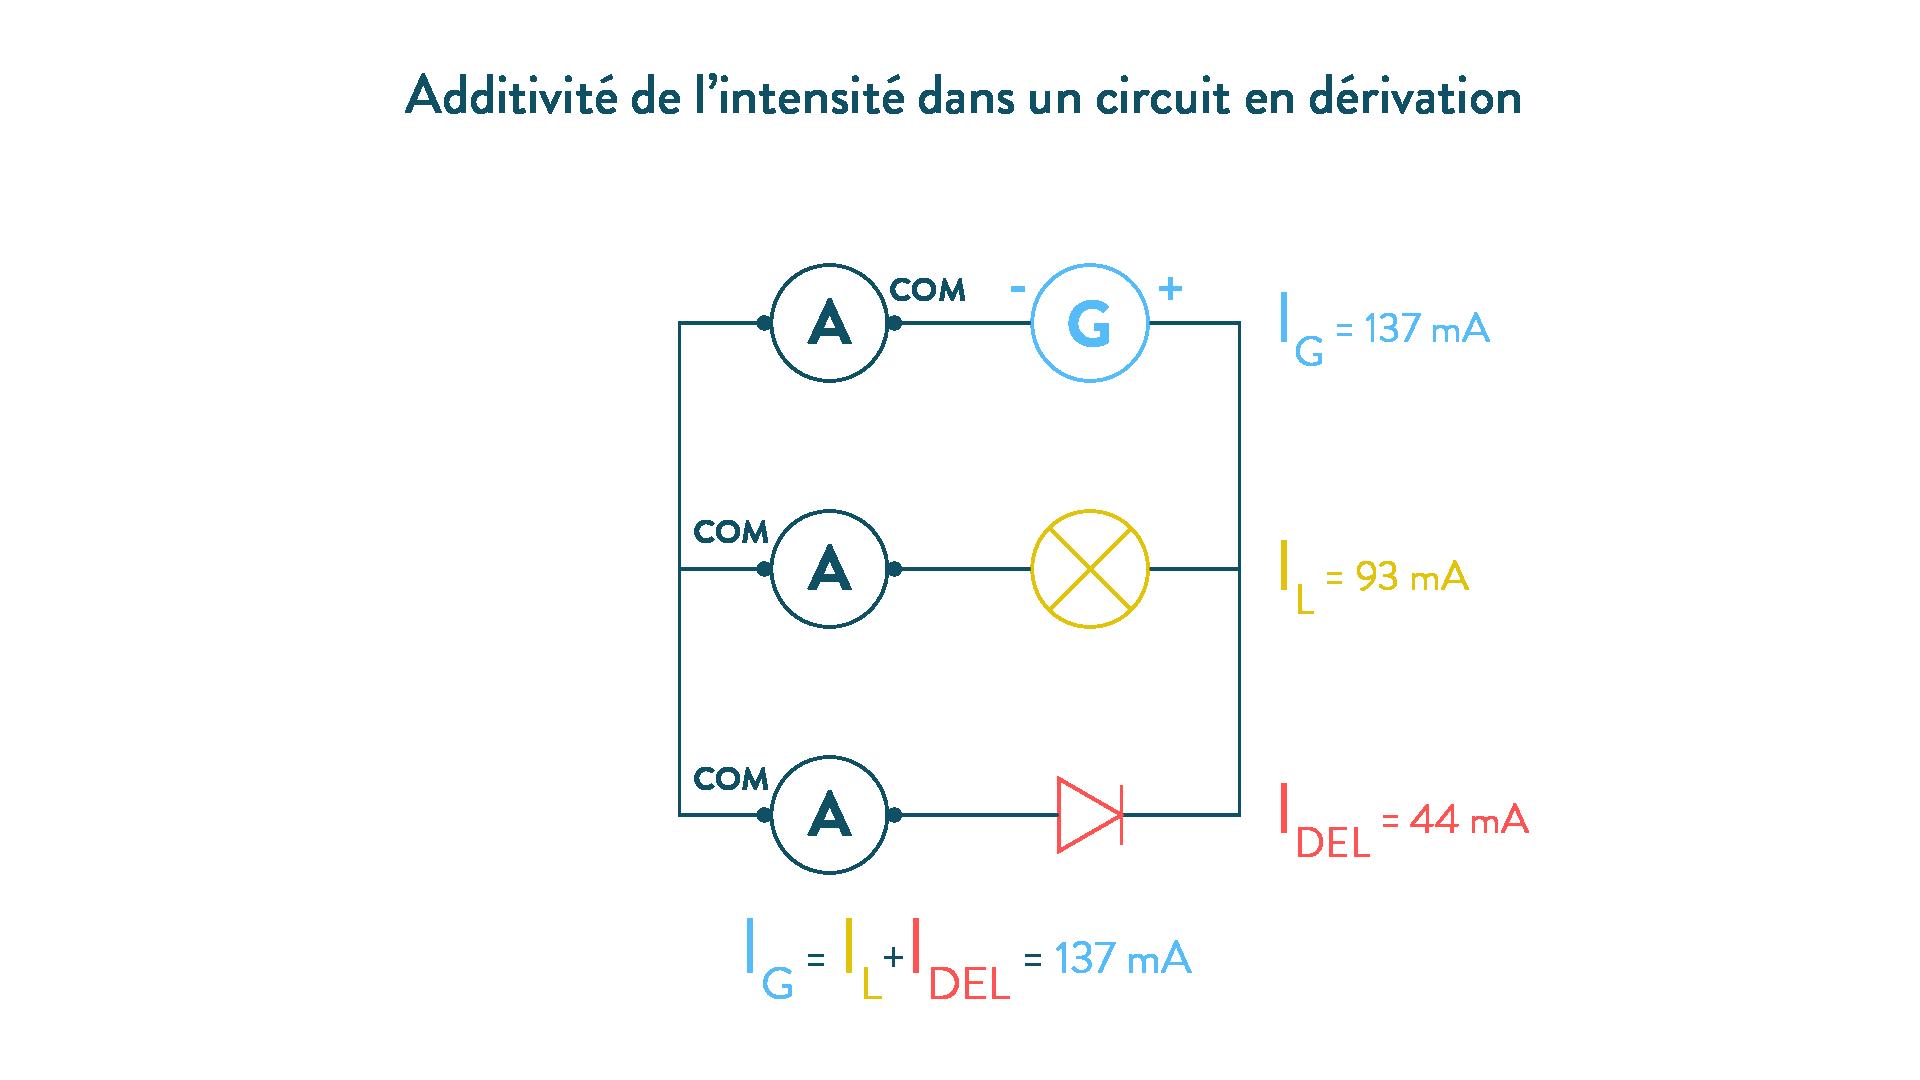 Additivité de l'intensité dans un circuit en dérivation